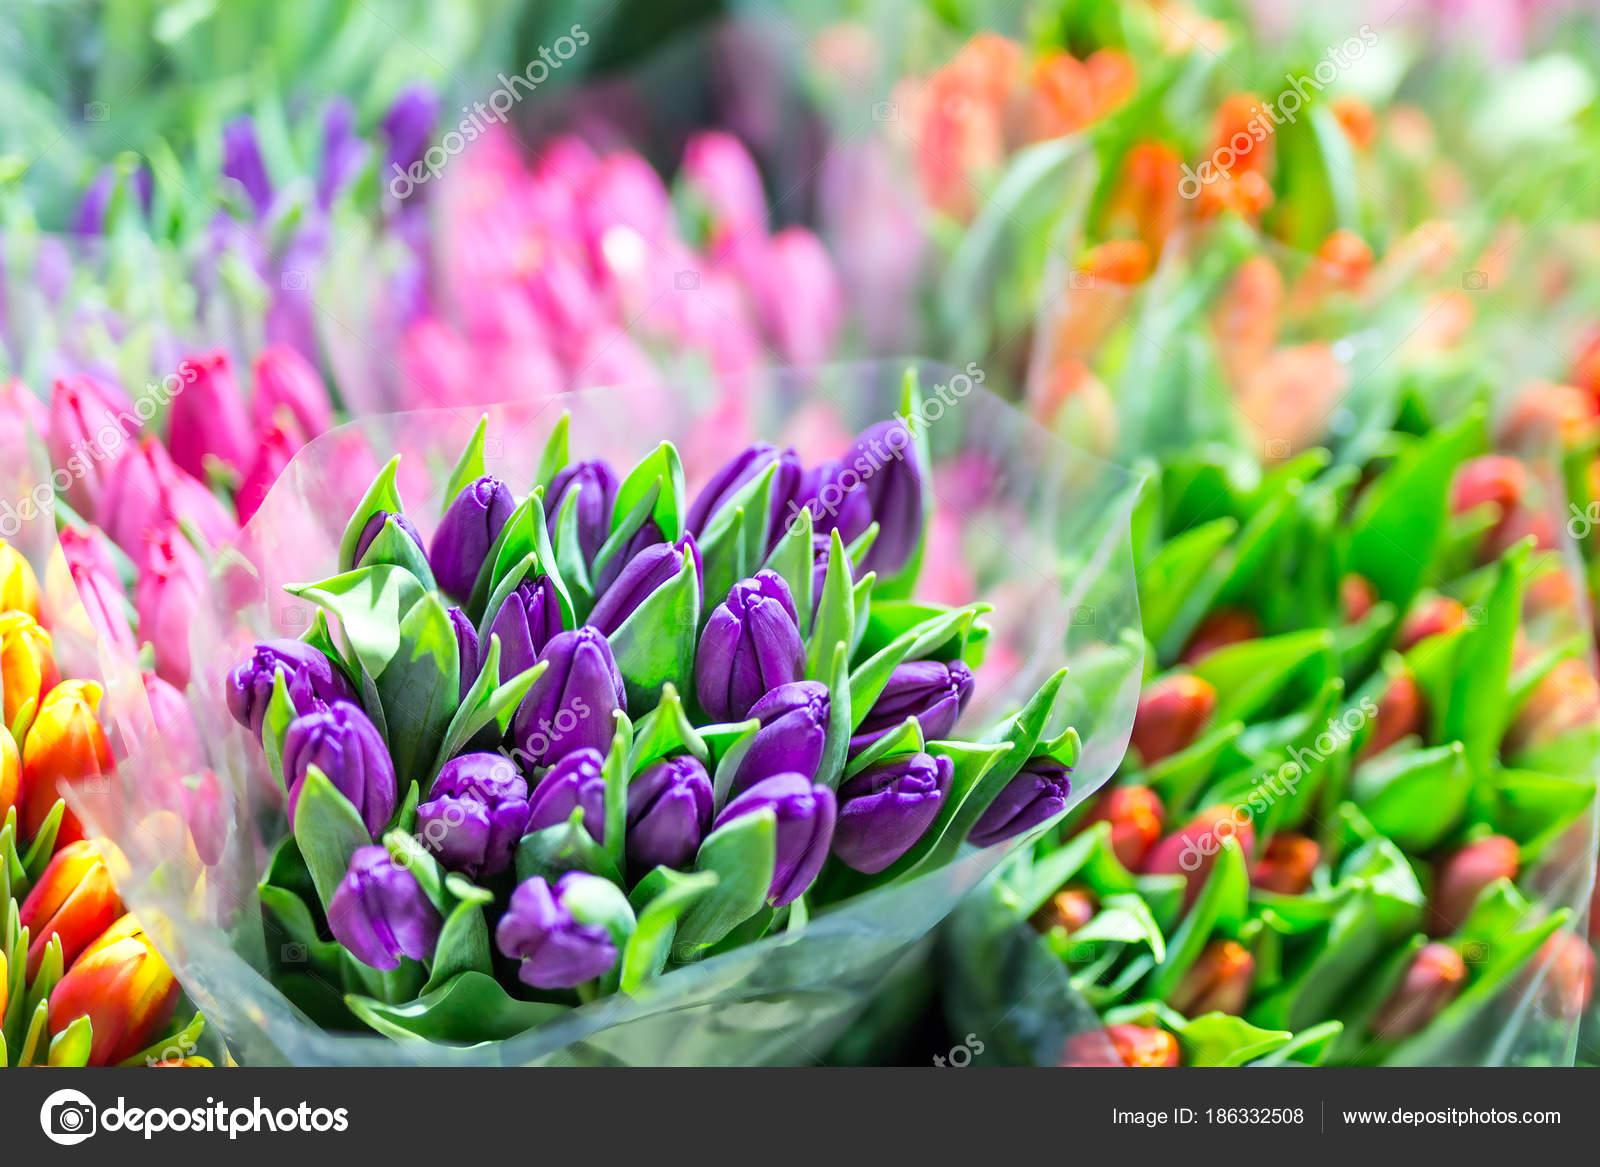 Склад магазин склад цветов, стоимость букет цветов 8 марта фото